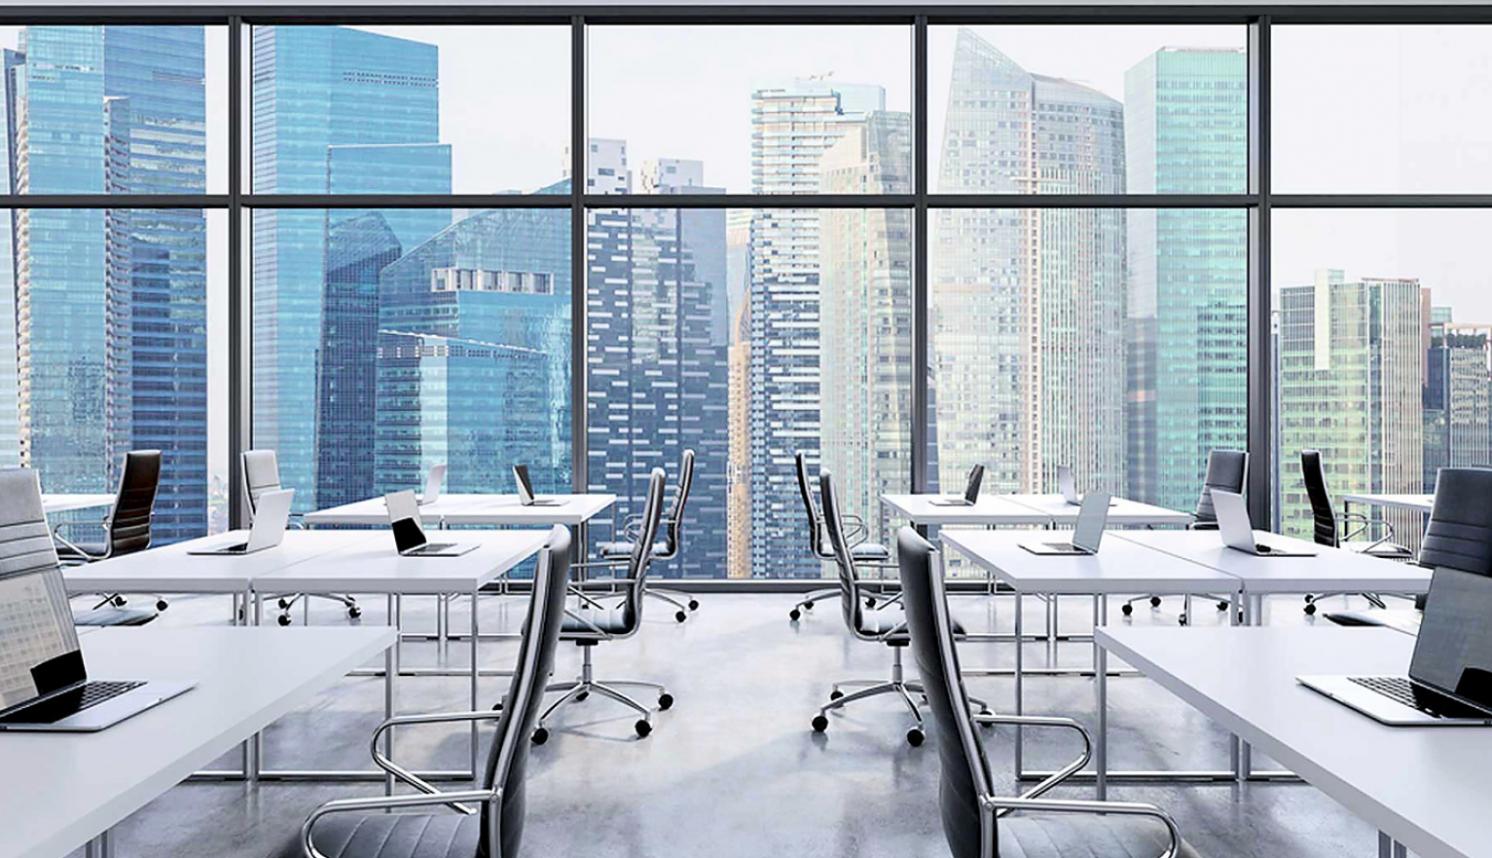 Об энергосбережении при комфортном воздухораспределении на примере офисного помещения. 3/2019. Фото 1